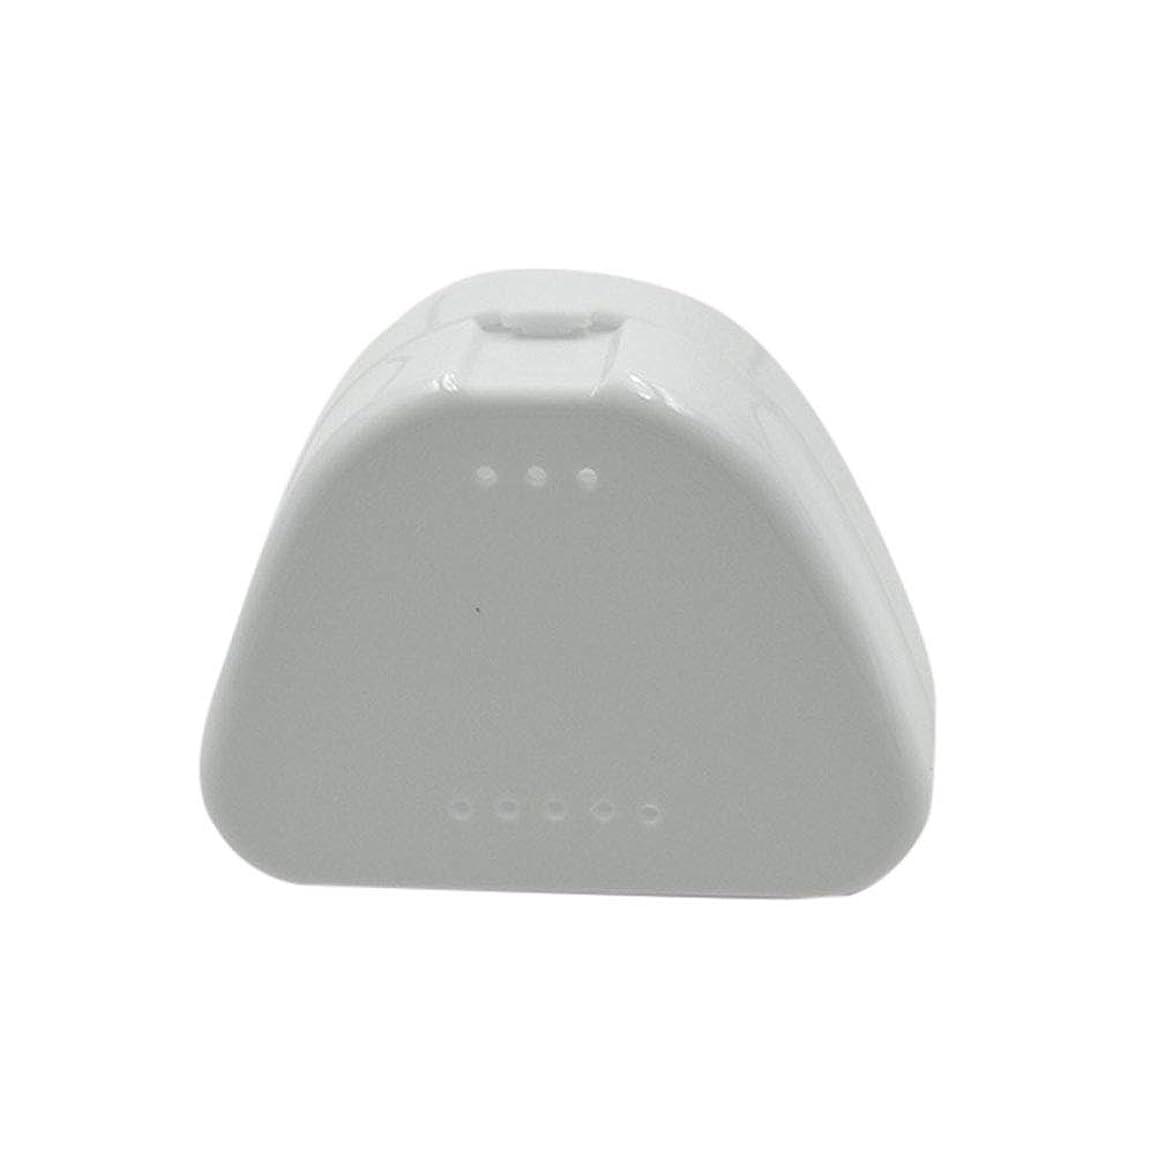 悲しい目に見える不毛SUPVOX 4PCS保持ケース旅行義歯マウスガード収納ケースコンテナ通気孔とスナップ蓋(青、白、赤と透明)